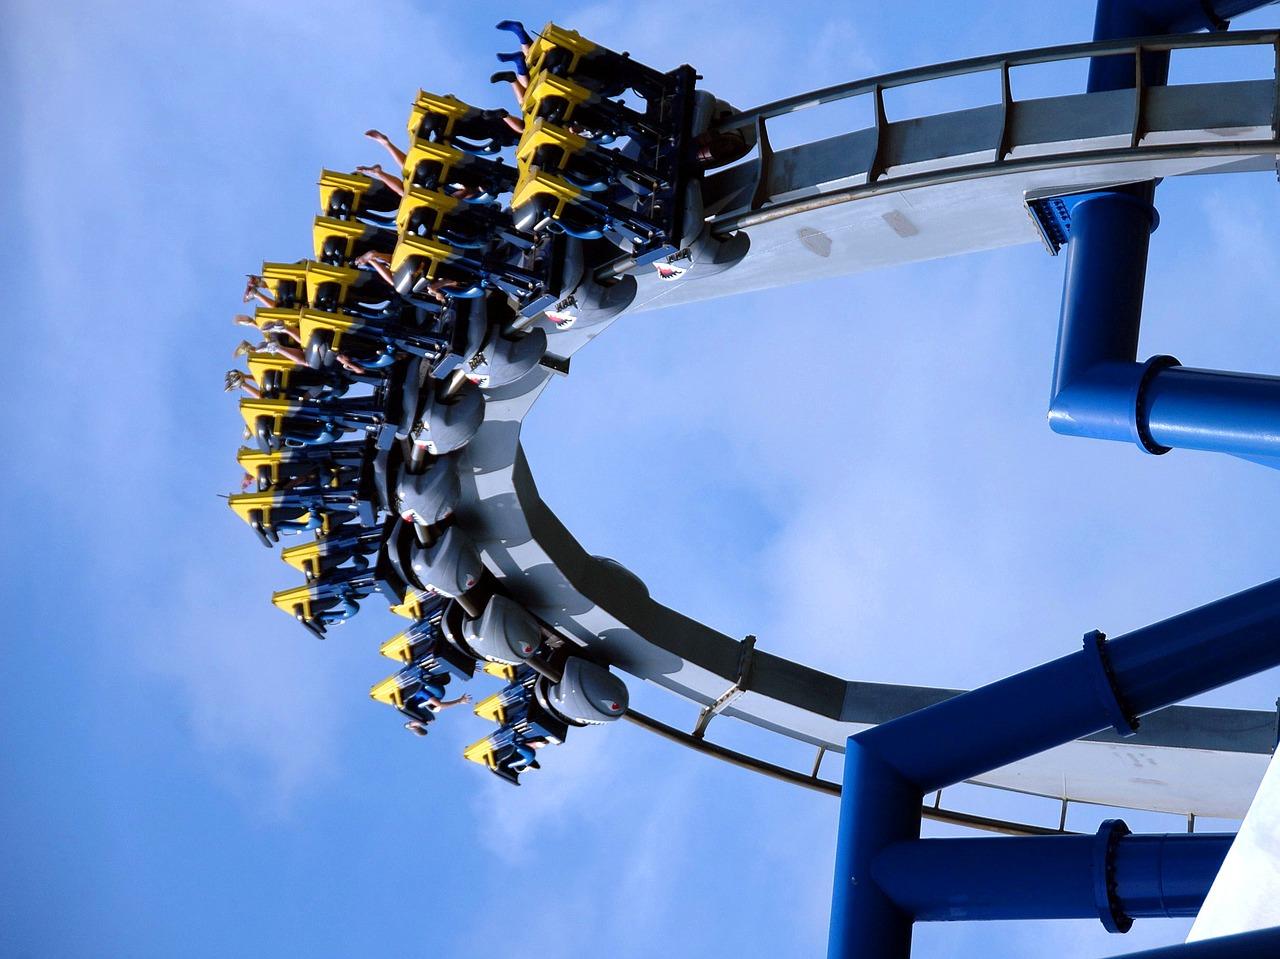 roller-coaster-1553350_1280.jpg